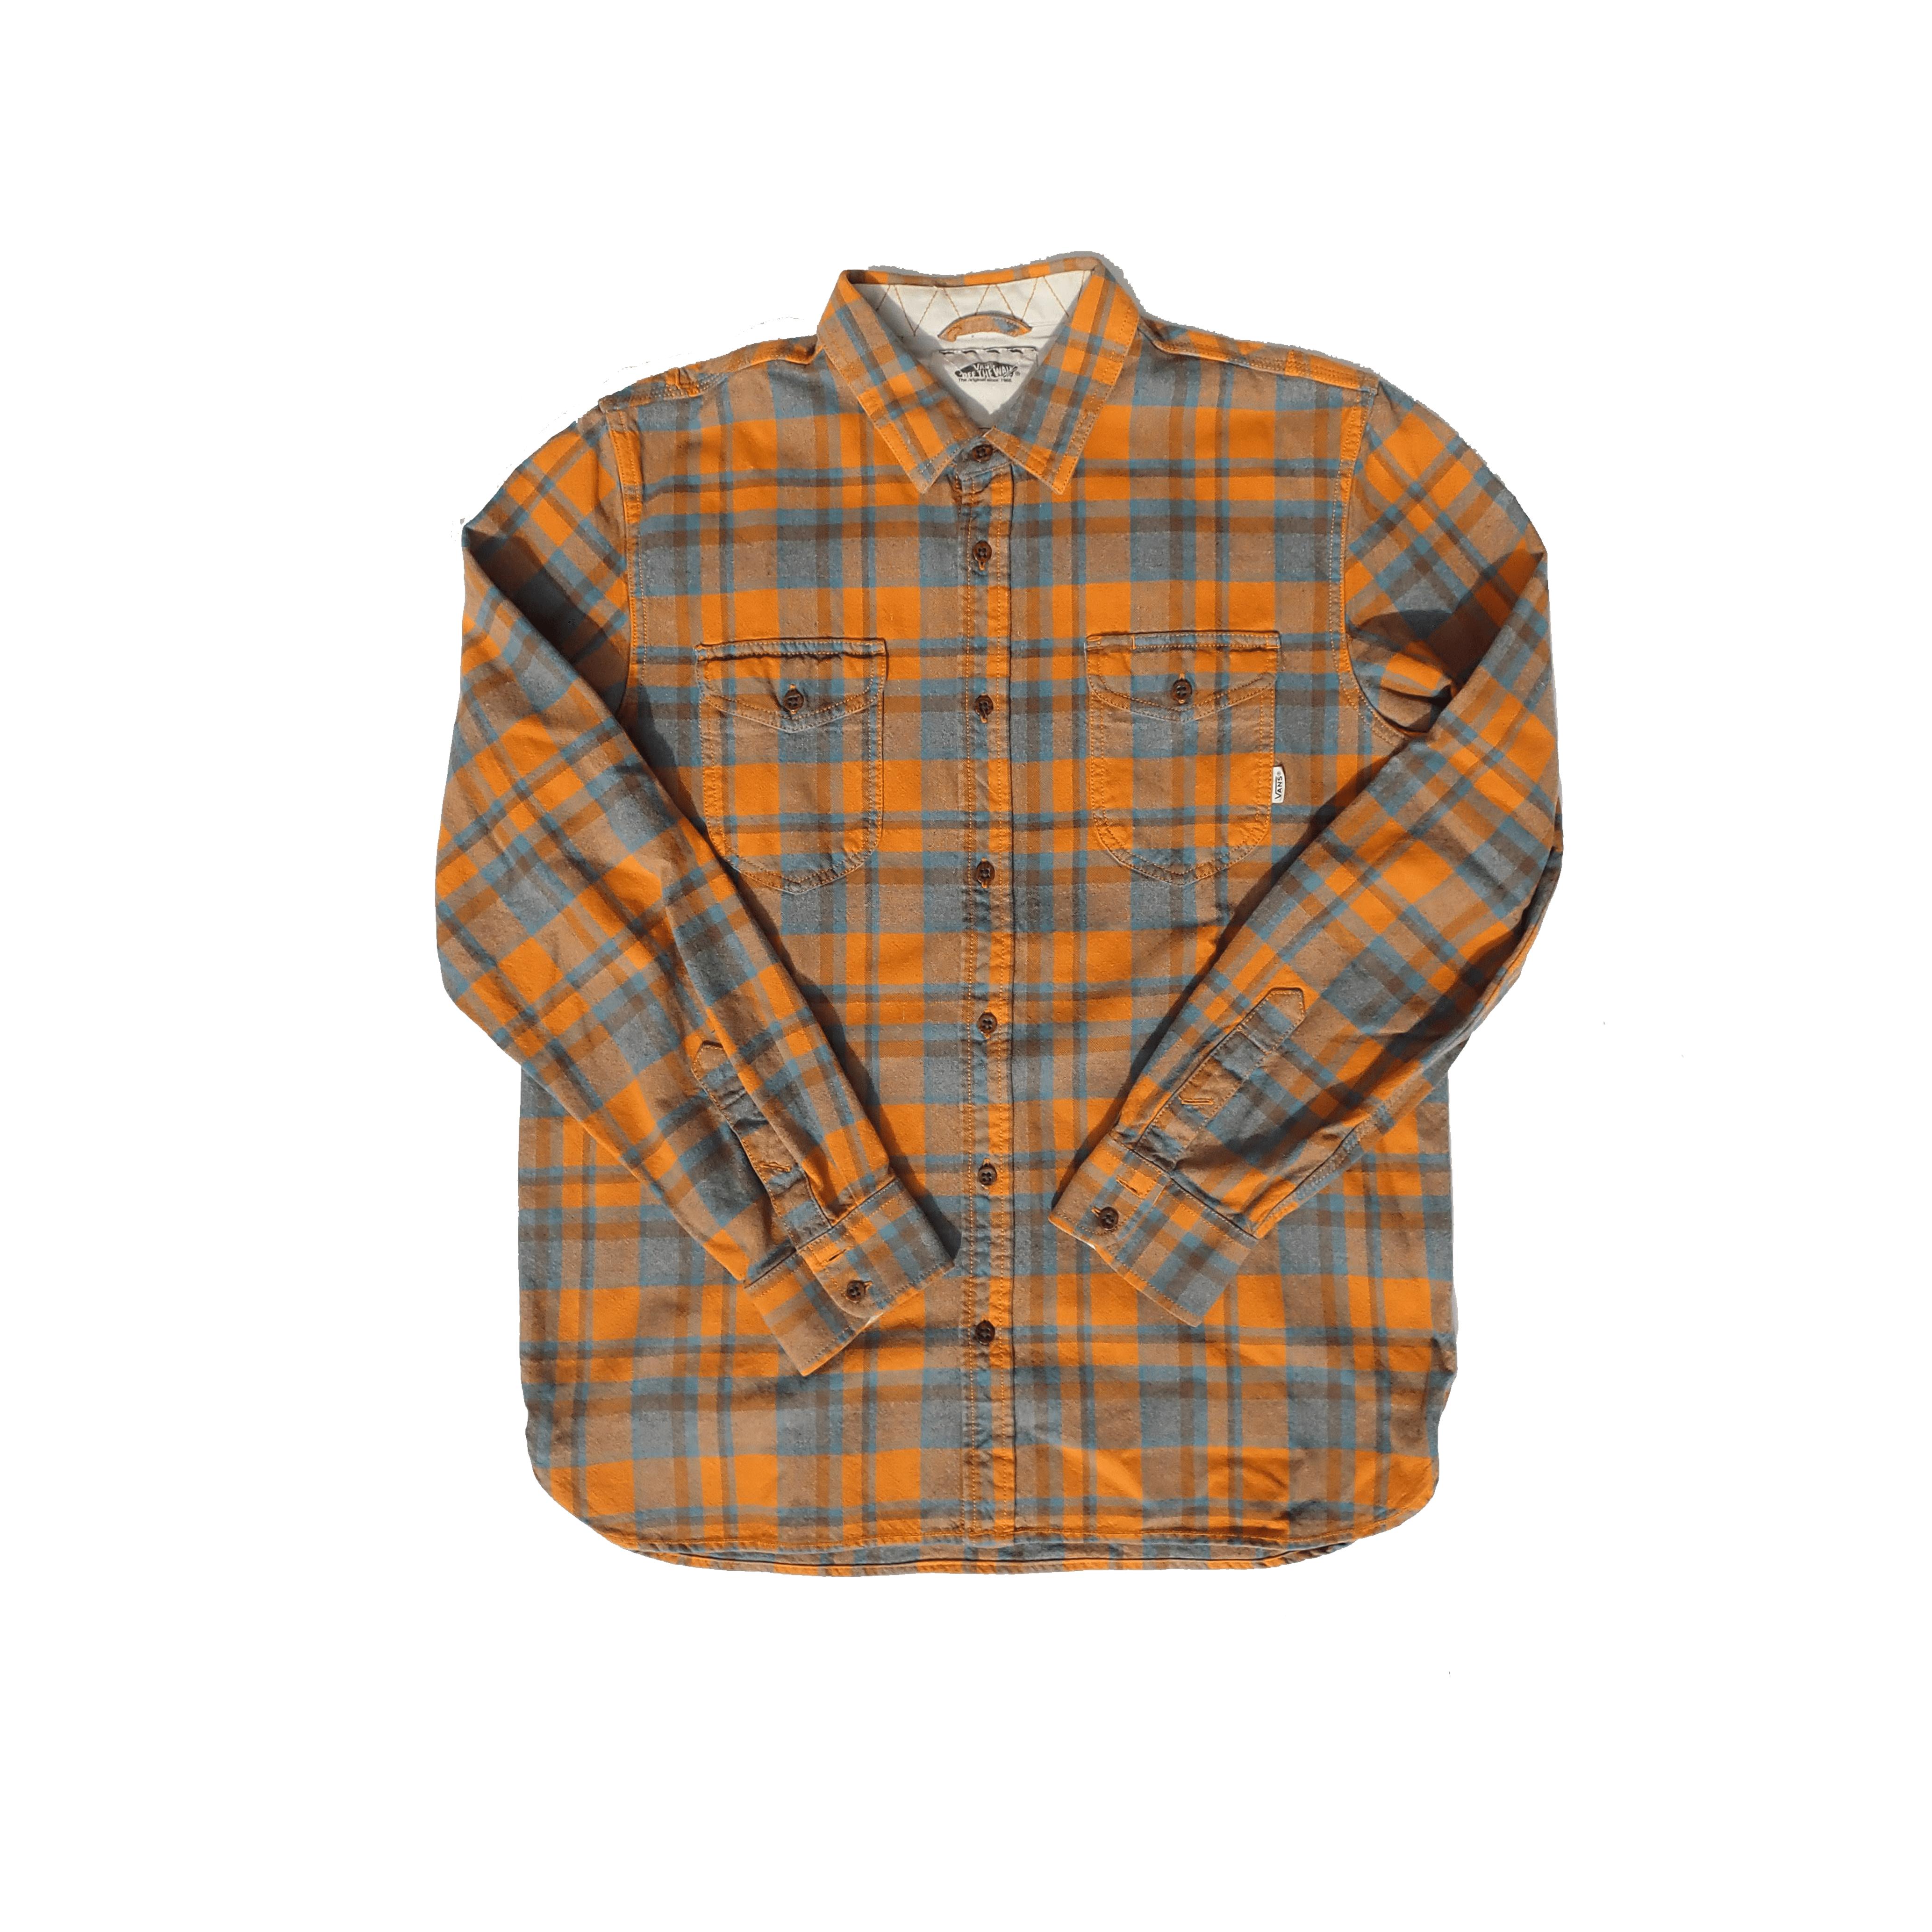 Vans Orange Button Up Shirt